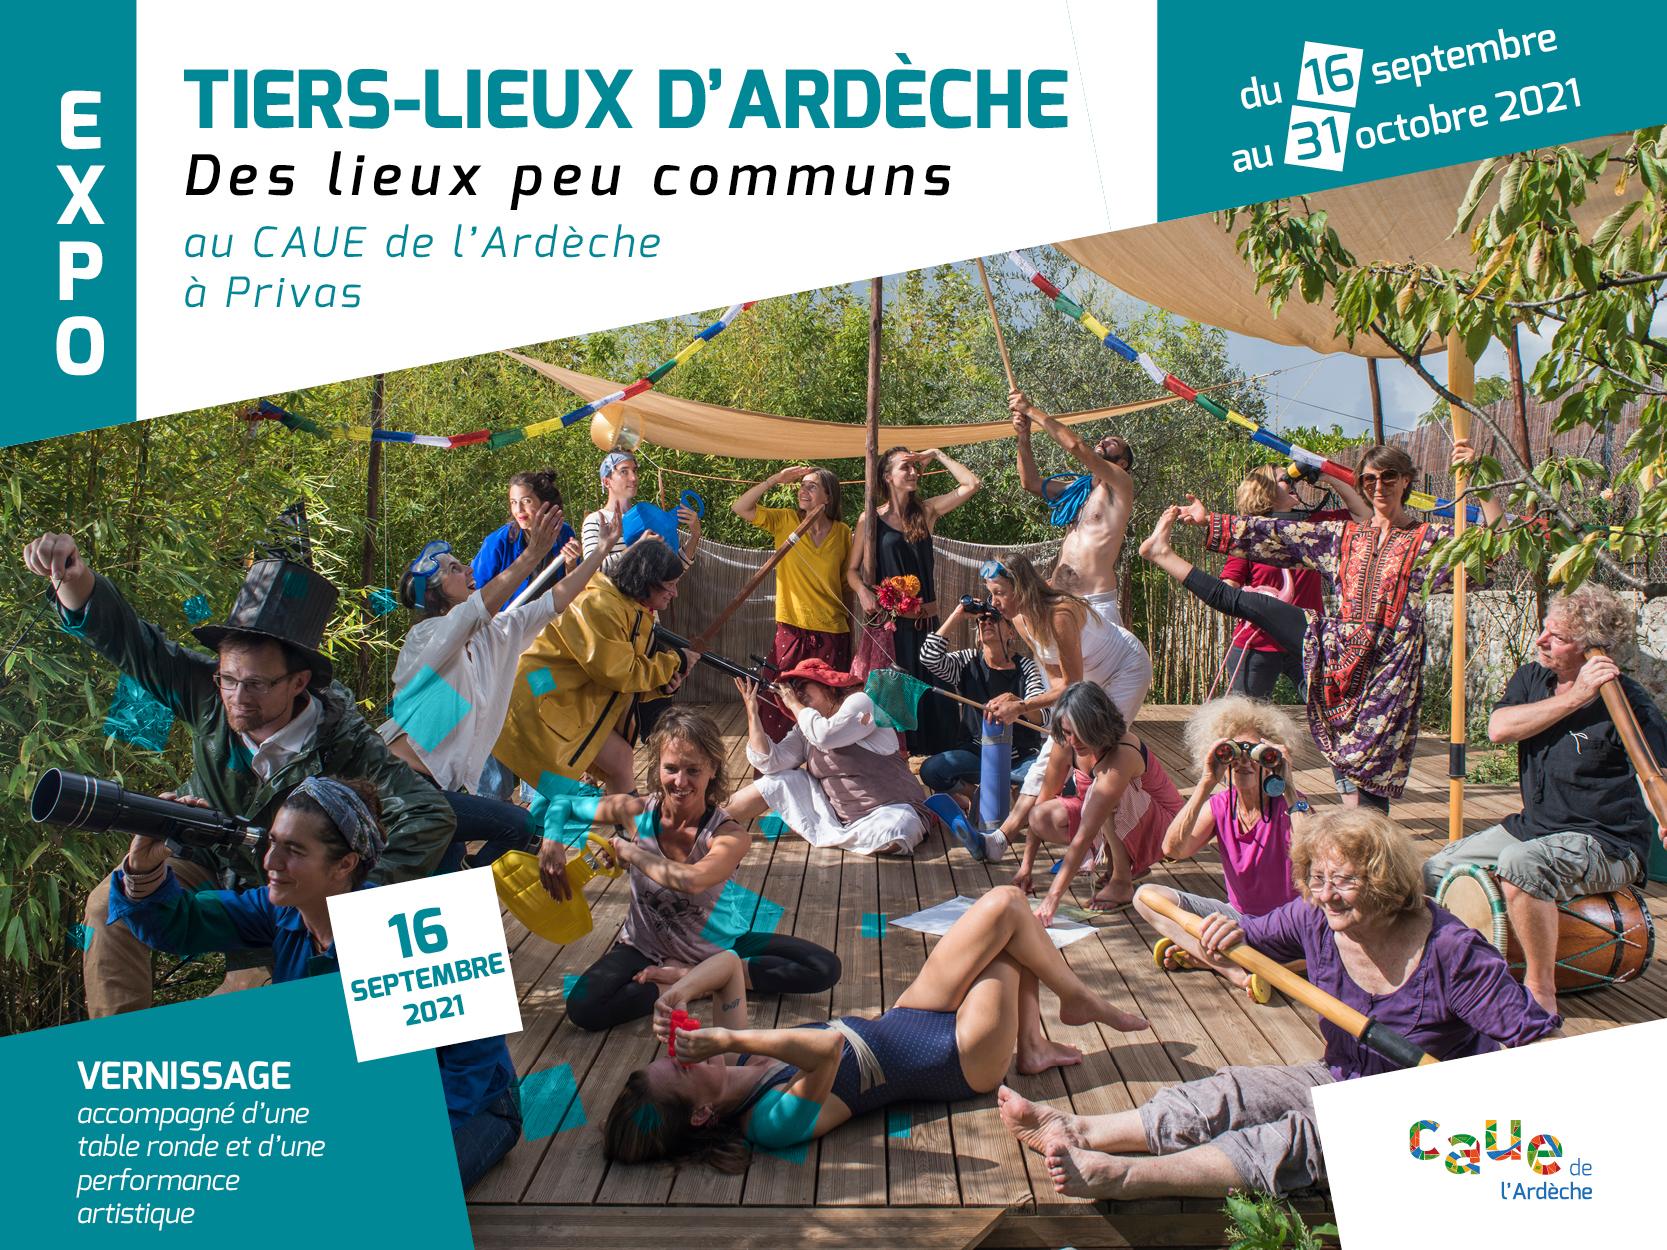 Rendez-vous futés ! : Journées Européennes du Patrimoine : Exposition Tiers-lieux d'Ardèche, des lieux peu communs